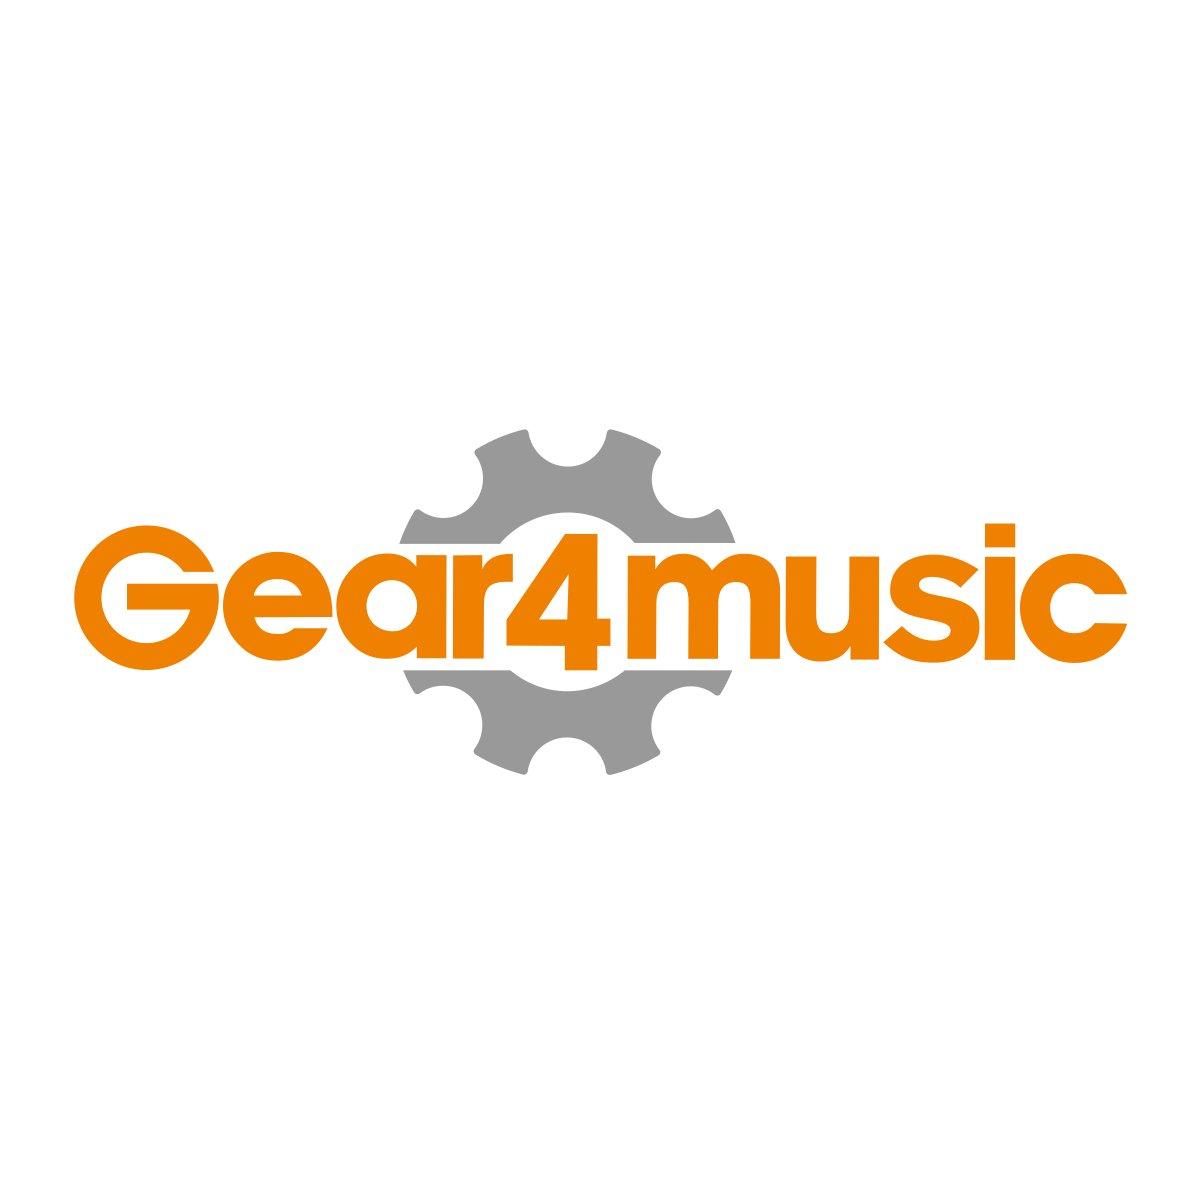 behringer ada8200 ultragain pro digital at gear4music. Black Bedroom Furniture Sets. Home Design Ideas